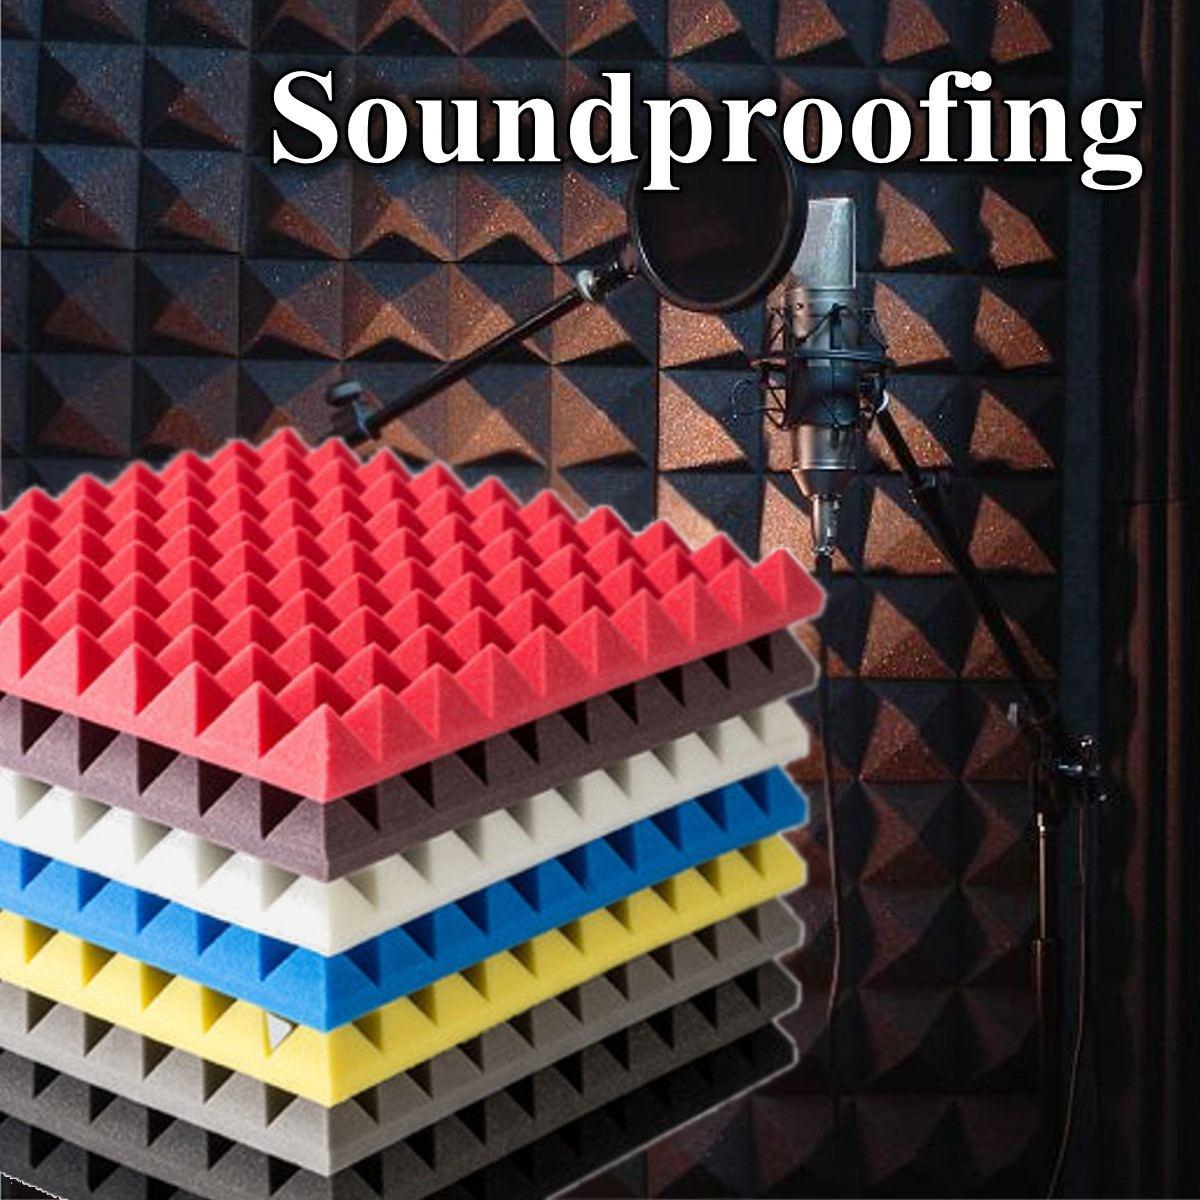 1 Uds 250x250x50mm espuma insonorizada aislante de sonido absorción acústica para piezas de instrumentos musicales de espuma de estudio Accesorios Puzle 3D modelo de espuma segura, arquitectura de construcción Diy, casa Diy rosa, muebles de cama para niñas, juguetes para niños